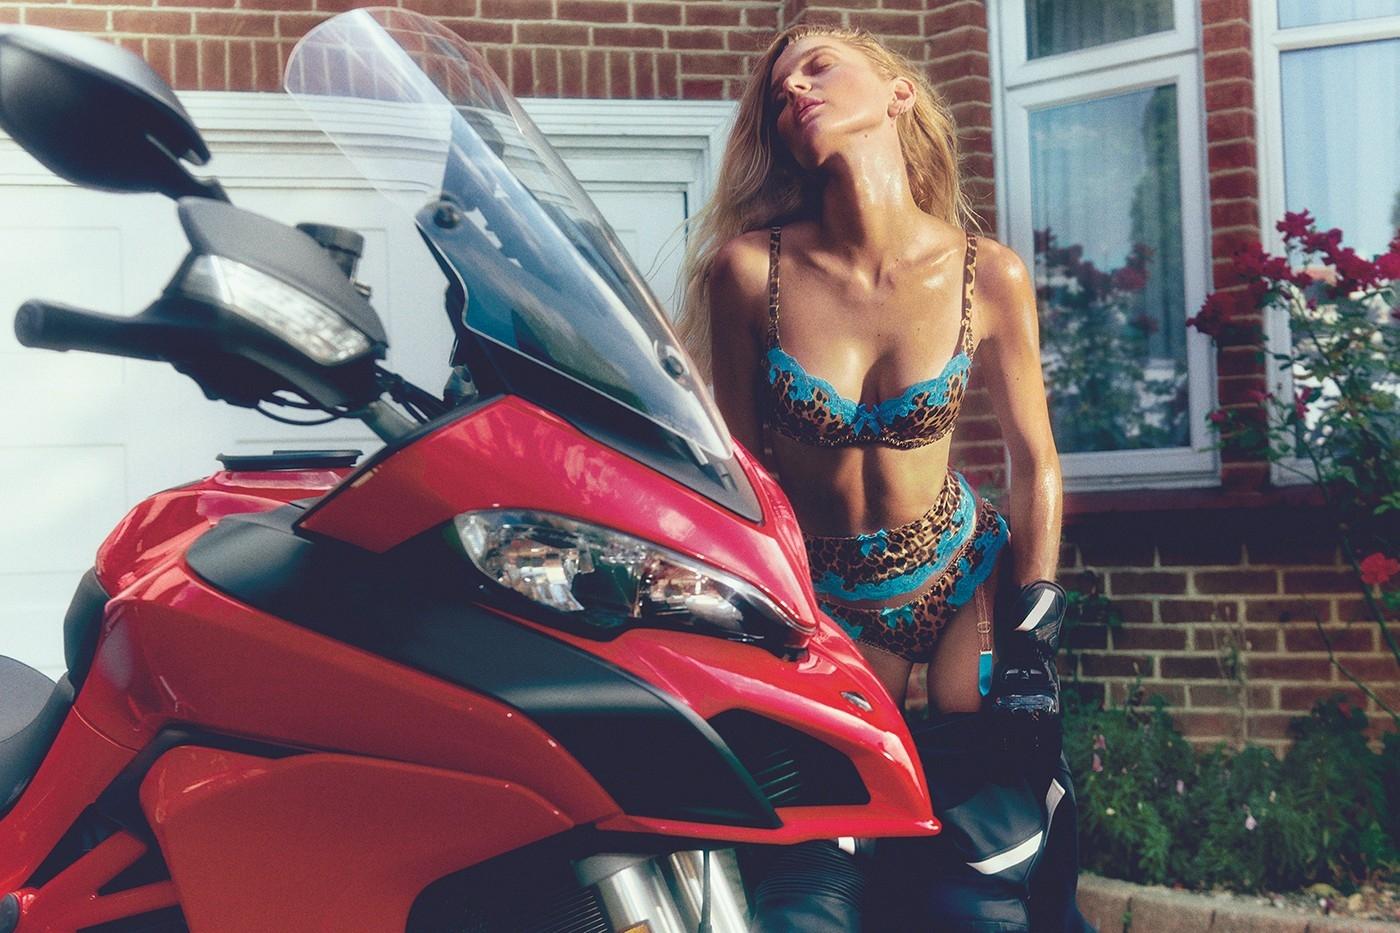 Шеф-повар, геймерша и мотоциклистка: в рекламе Agent Provocateur снялись выдающиеся женщины современности (ФОТО) - фото №1